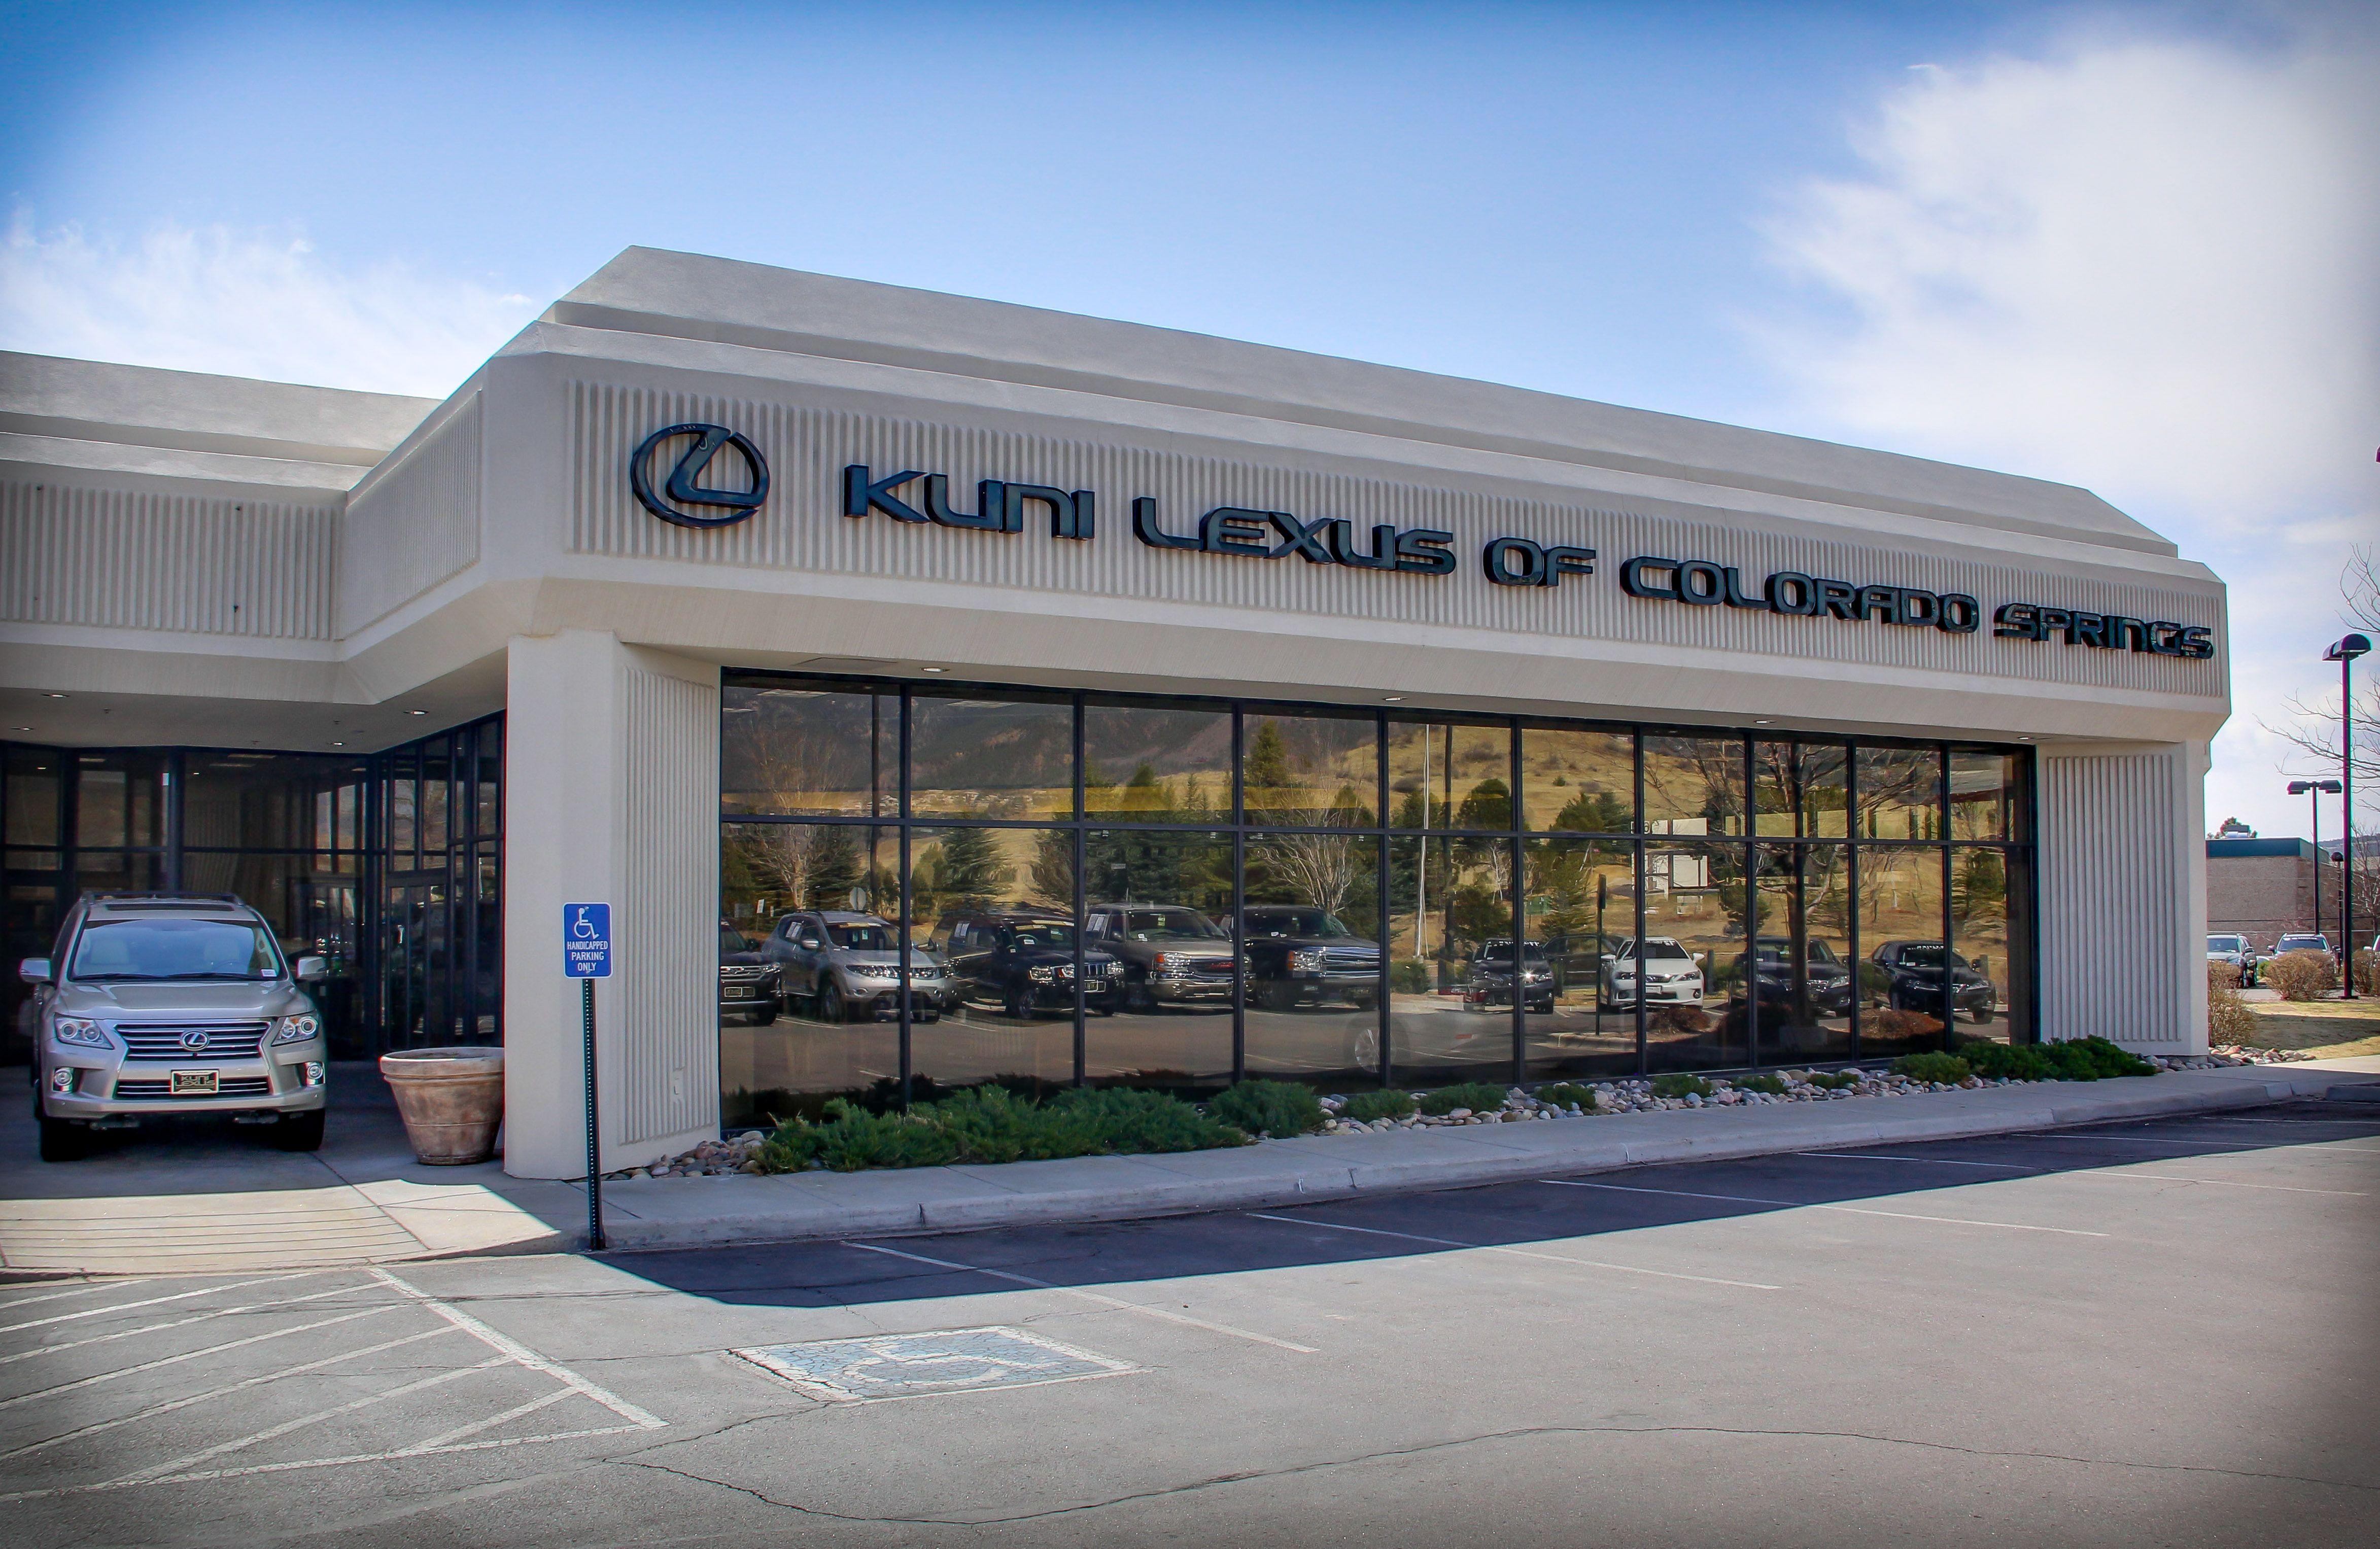 Car Dealerships Colorado Springs >> Kuni Lexus Of Colorado Springs Dealership Facade Our